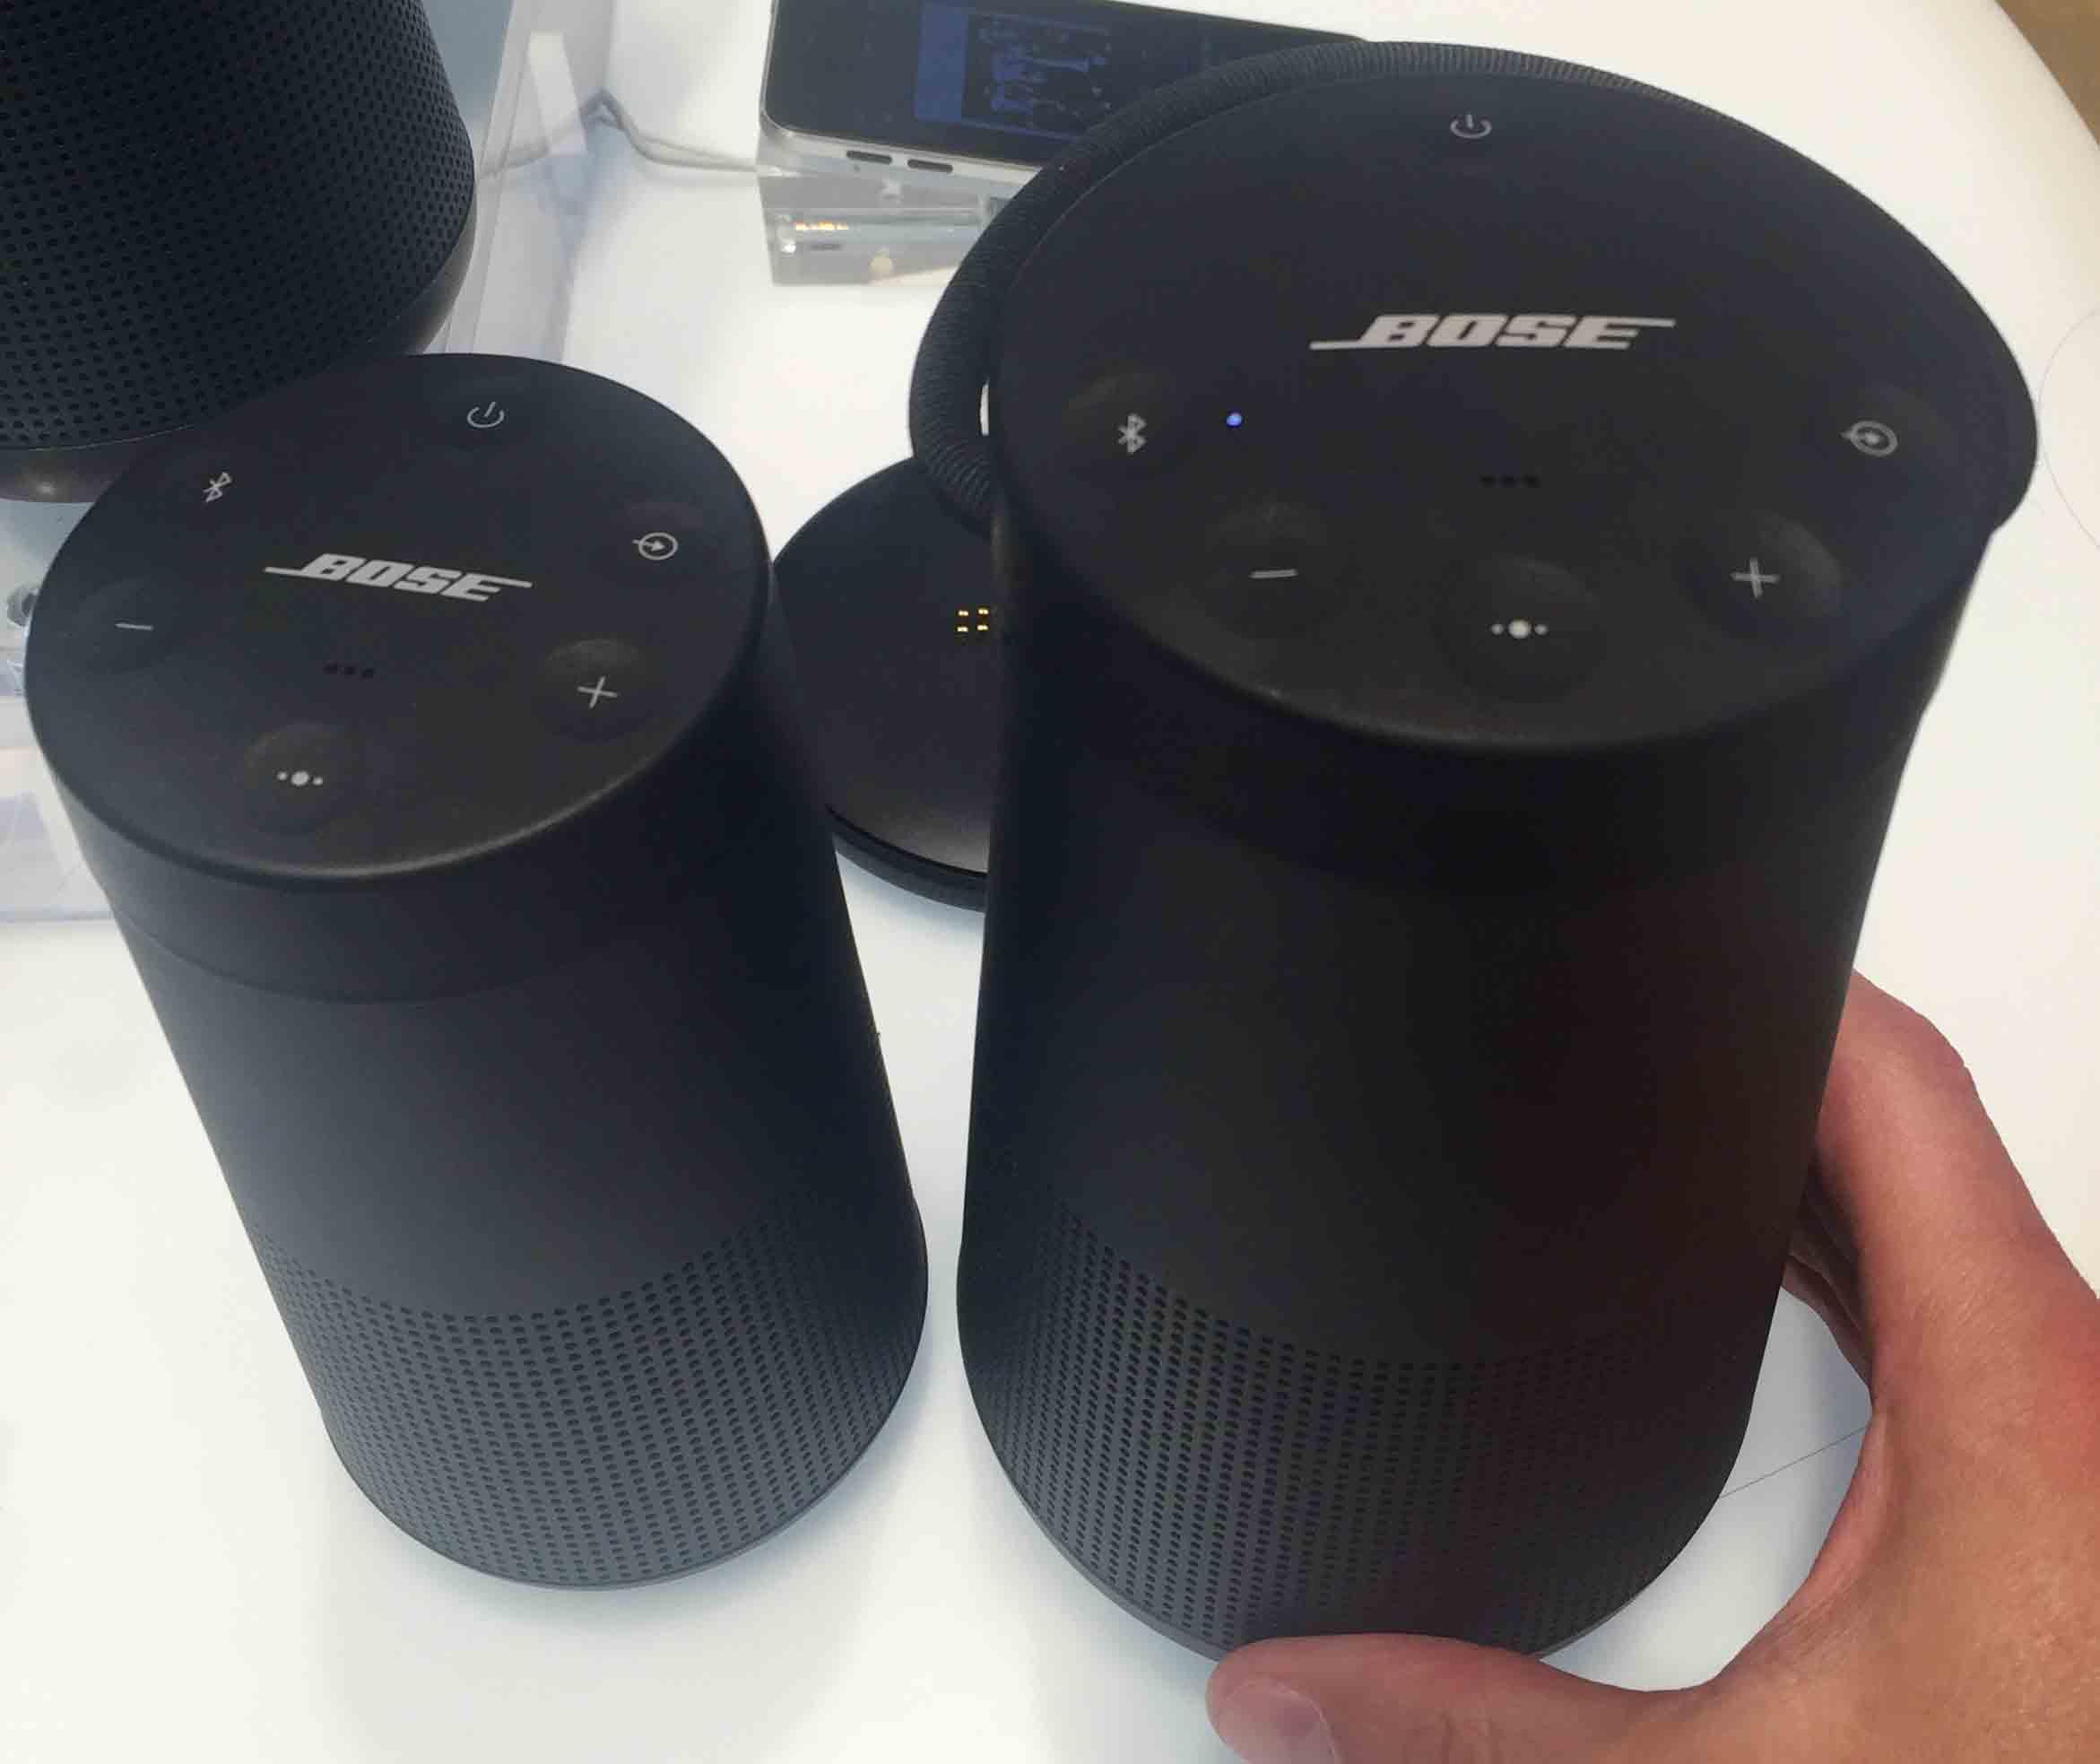 Bose-SoundLink-Revolve-&-Revolve+